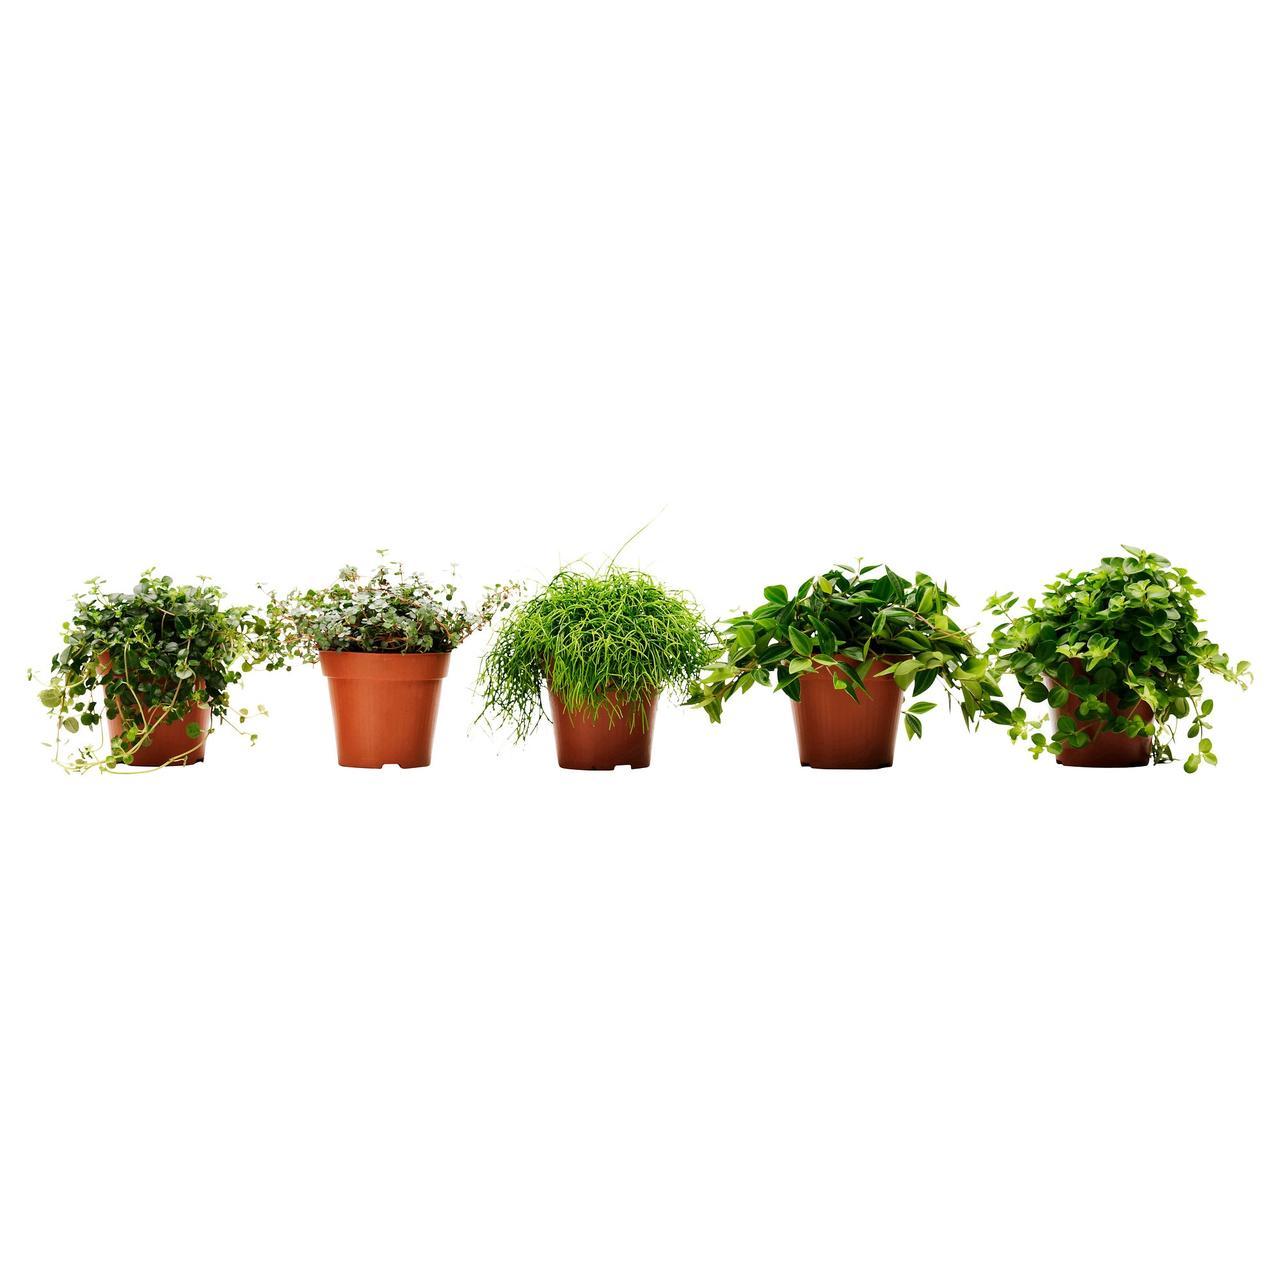 ГИМАЛАЙАМИКС Растение в горшке, различные растения